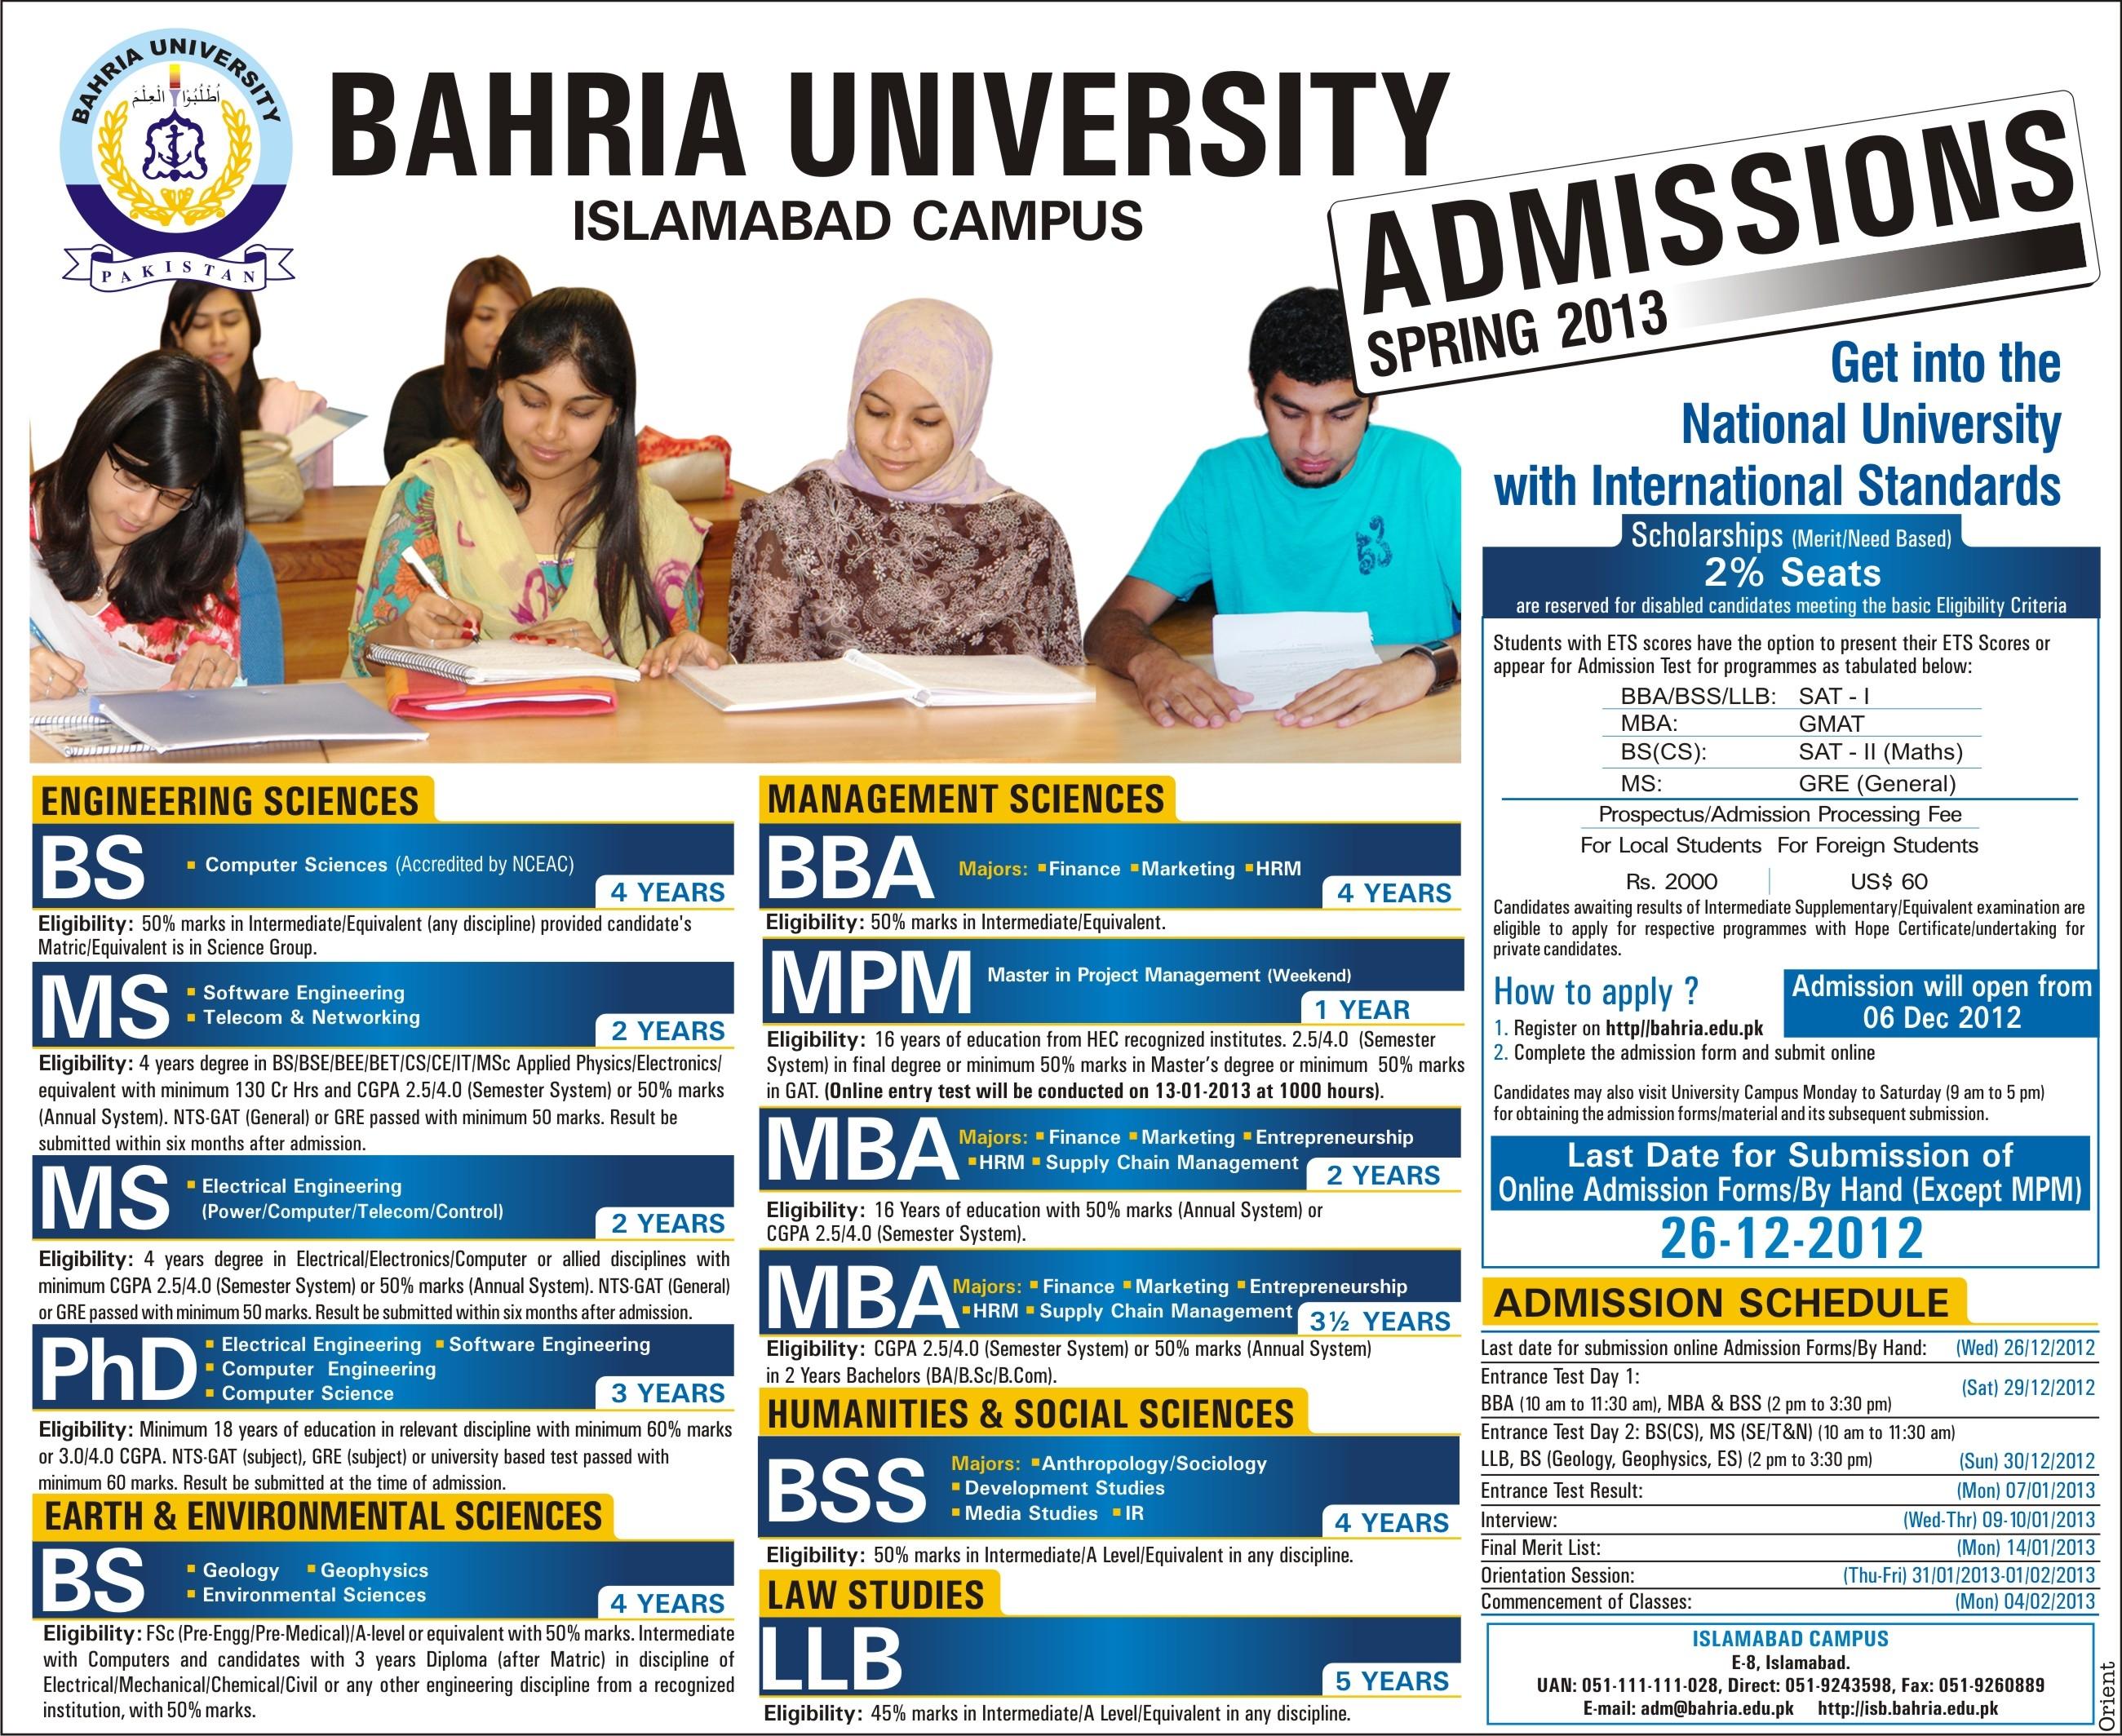 Bahria University Islamabad Spring Admission 2013